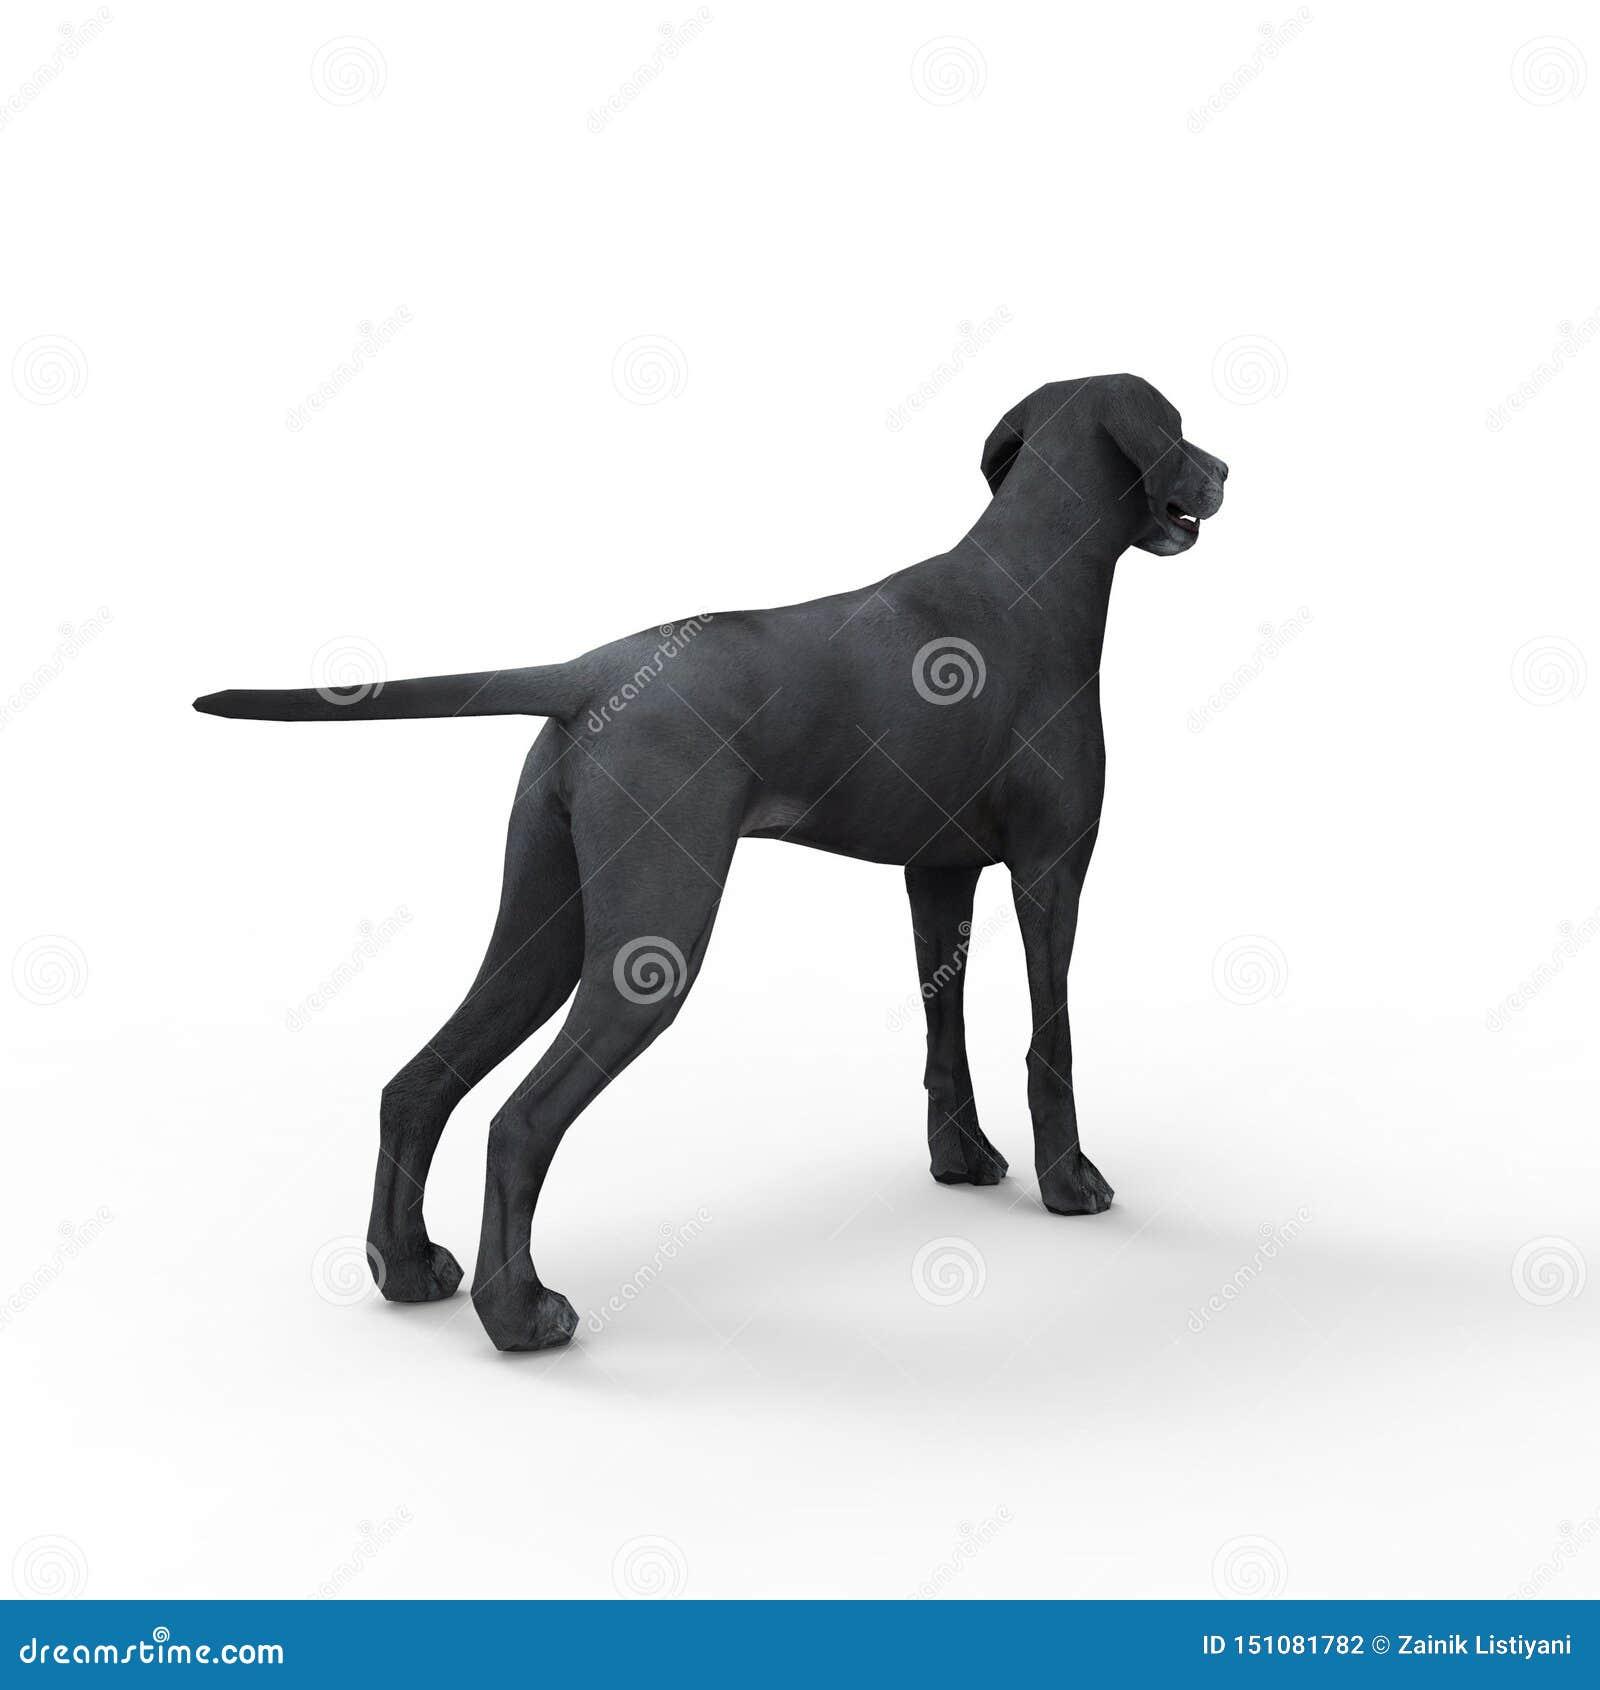 Rappresentazione 3d del cane creata usando uno strumento del miscelatore